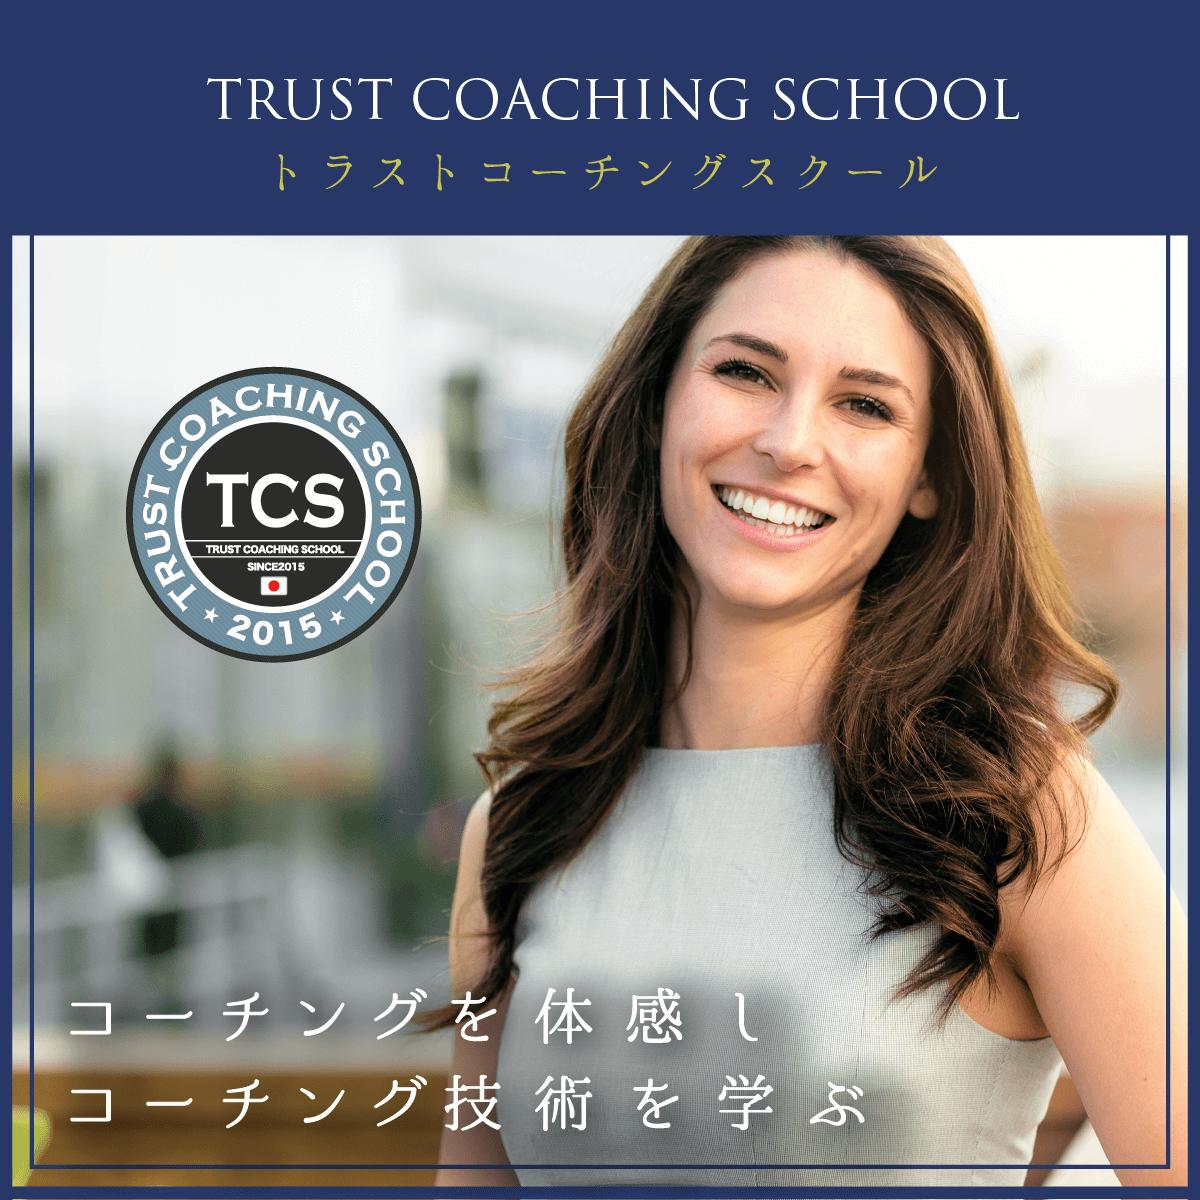 トラストコーチングスクール(TCS)